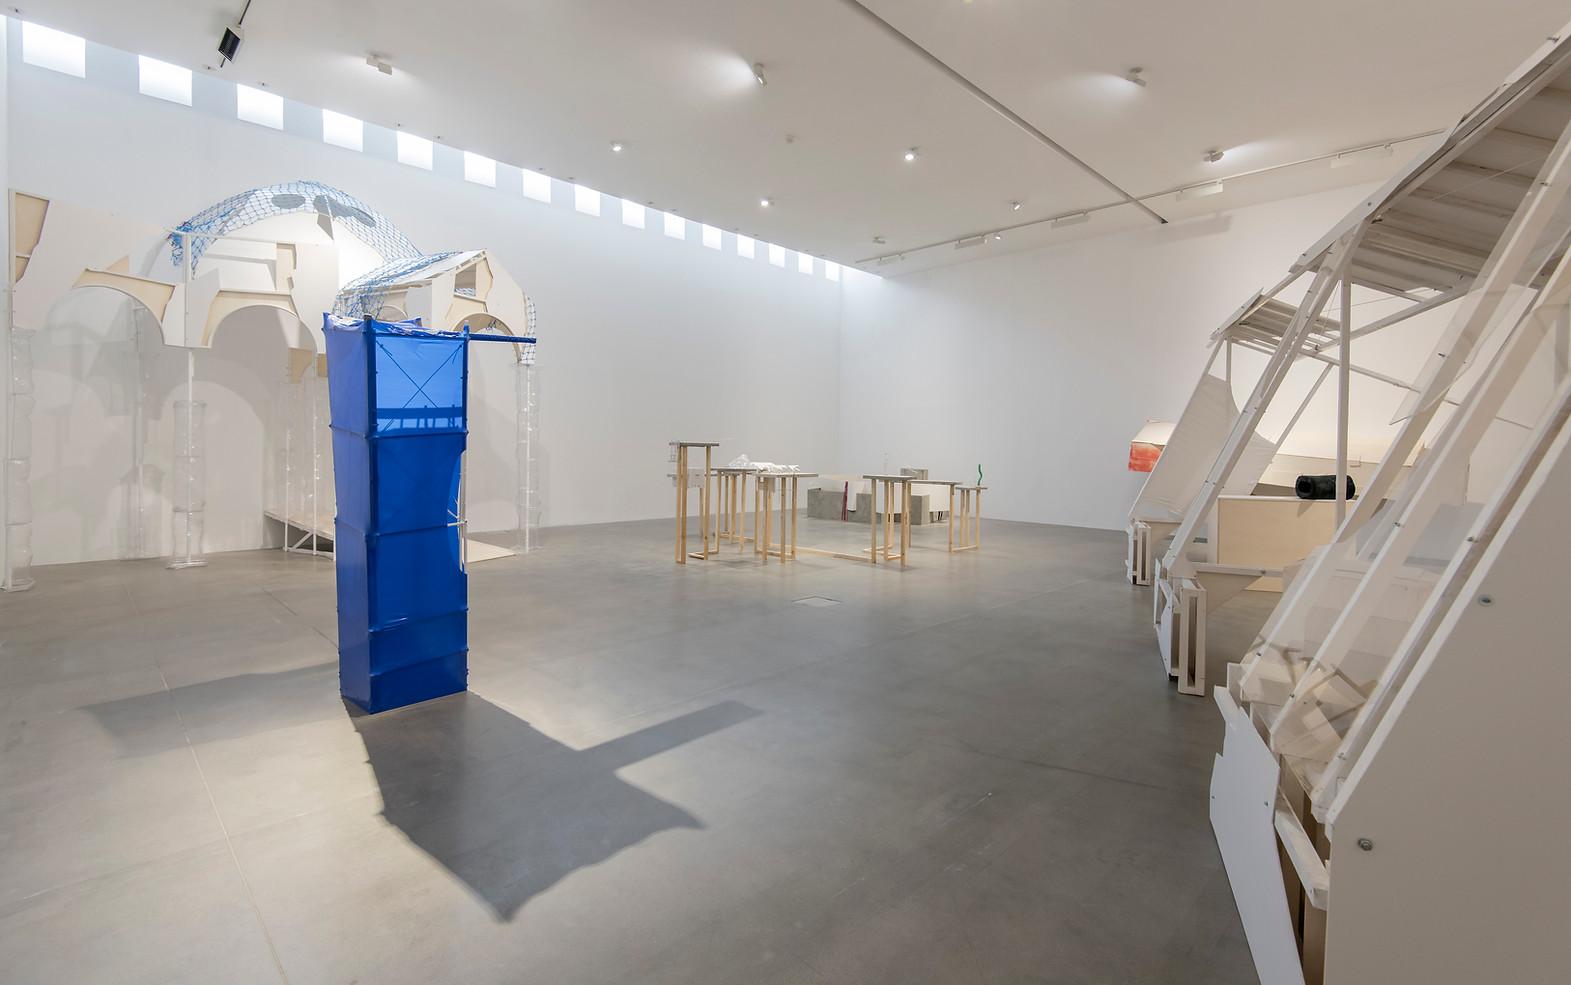 Monowe, 2019 Installation view at Fondazione Sandretto Re Rebaudengo, Torino   Photo©Giorgio Perottino